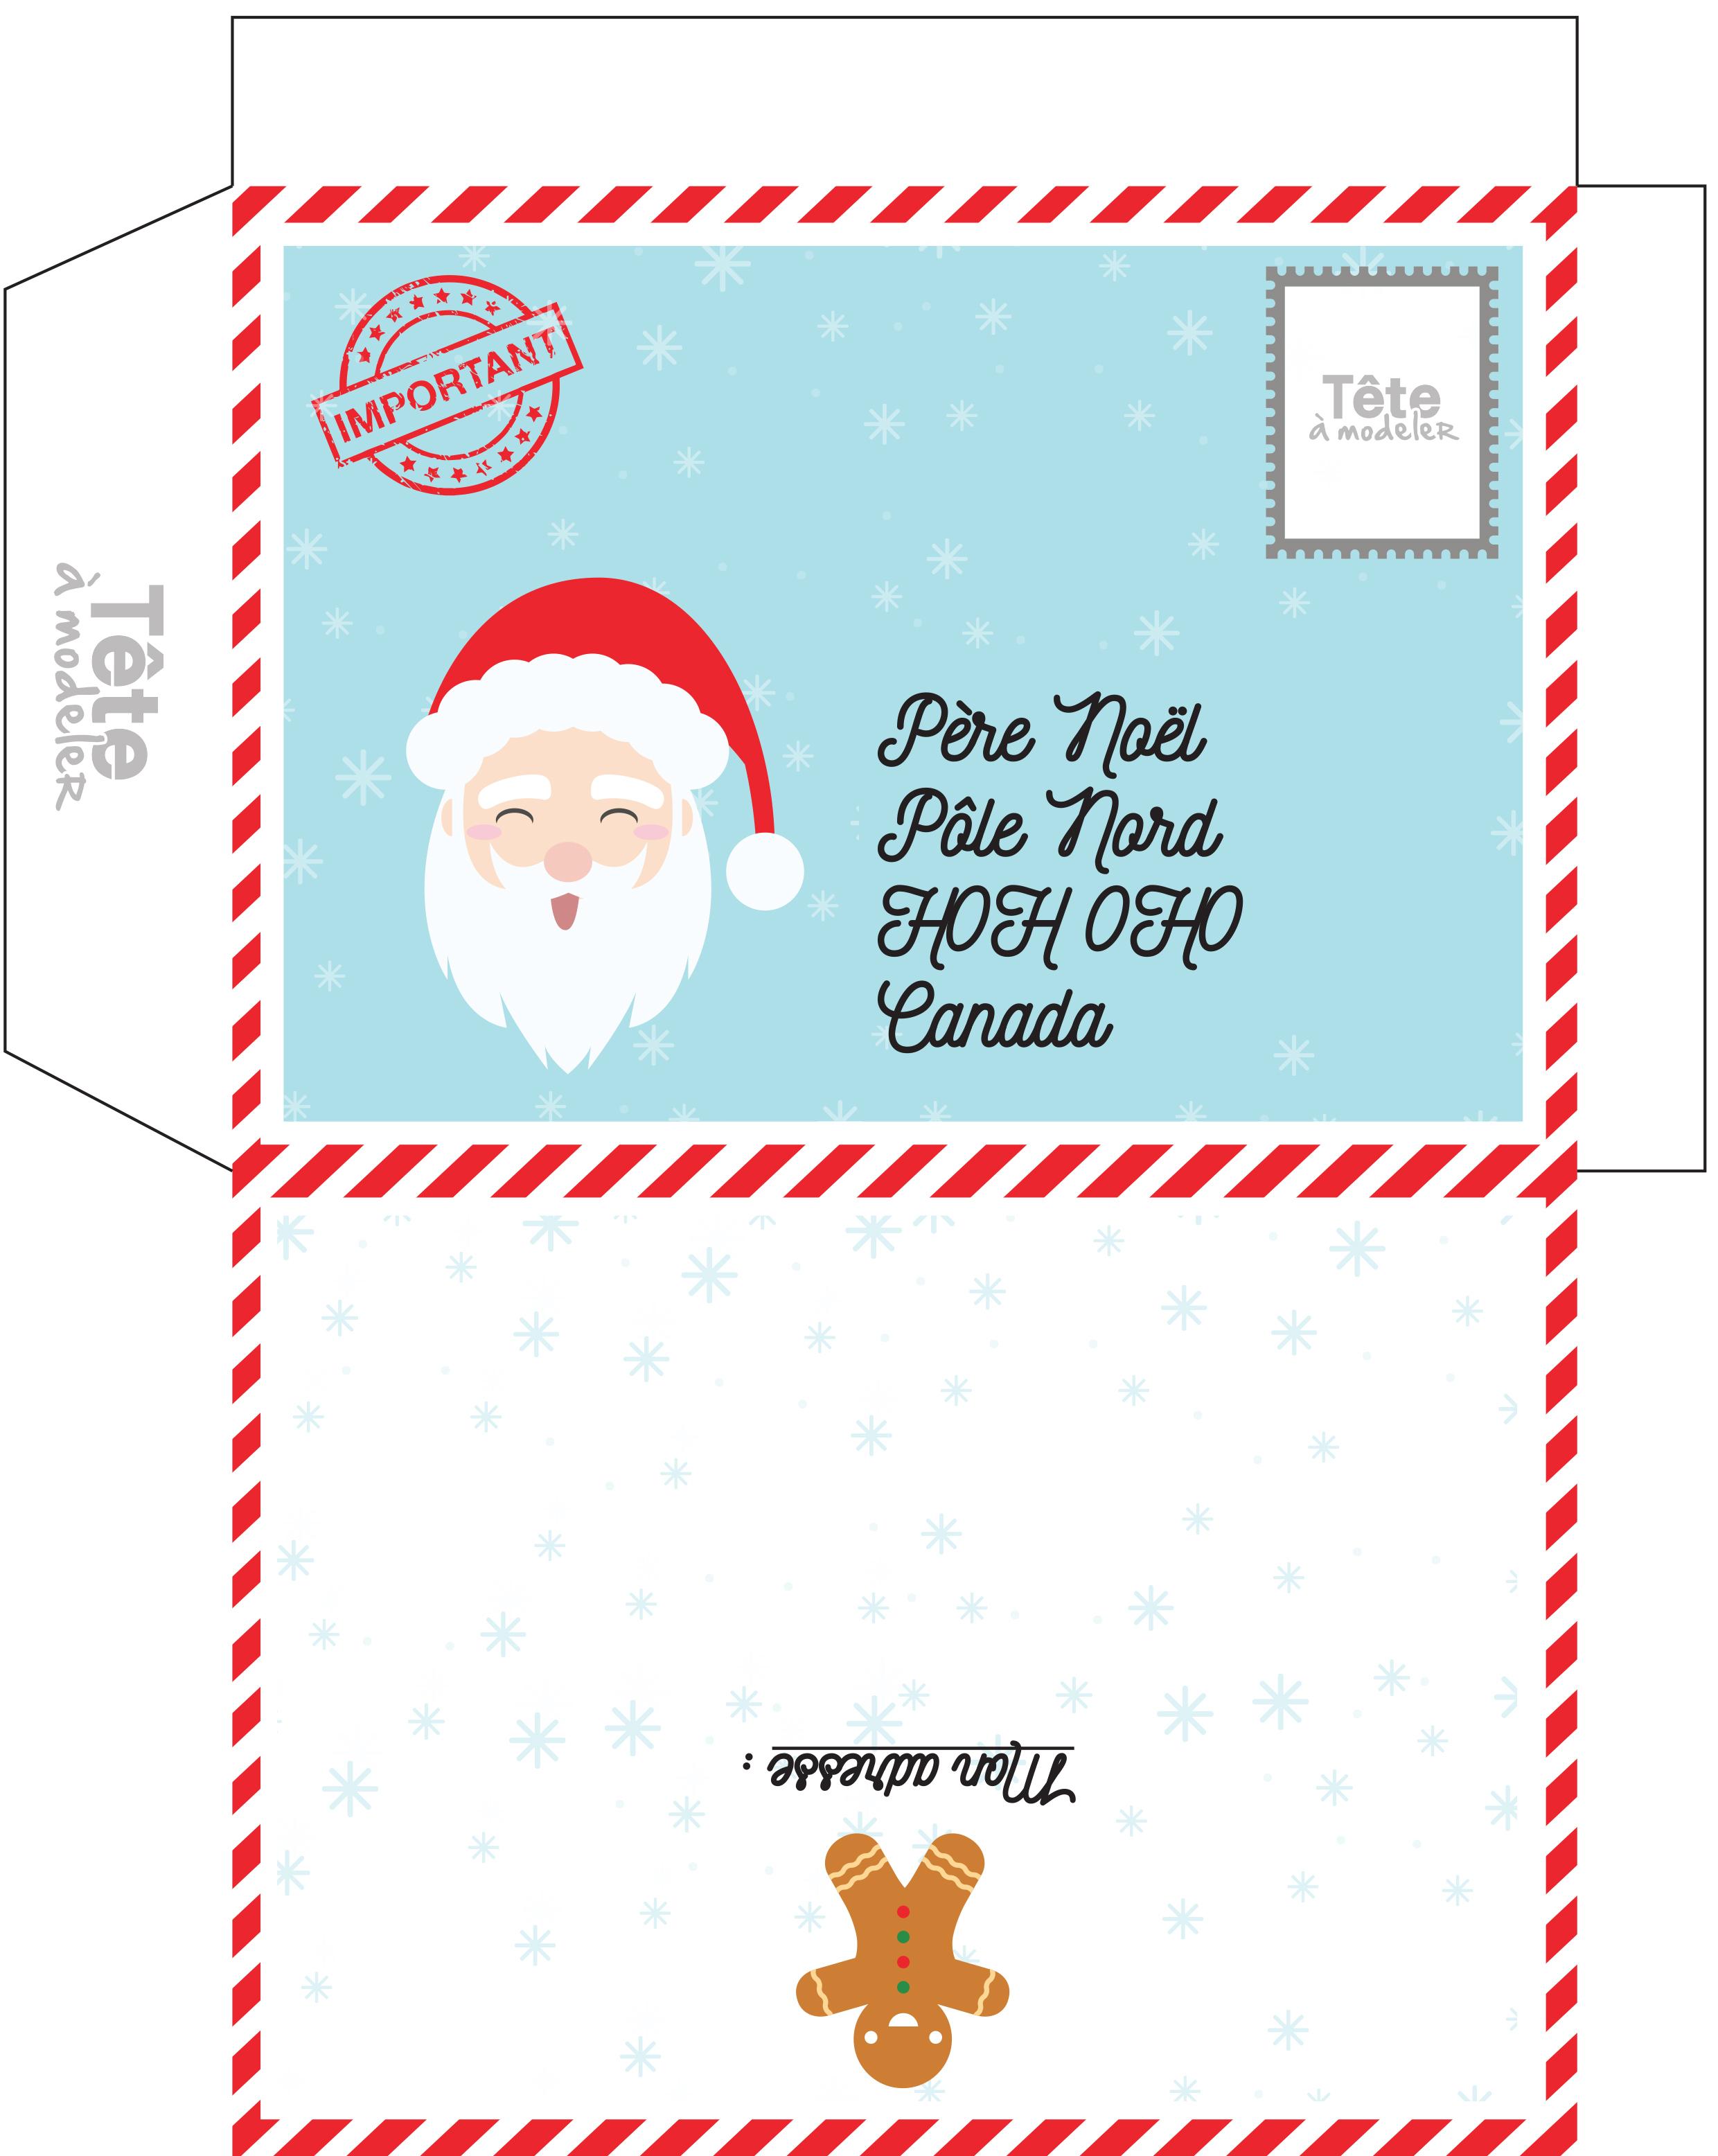 Enveloppe De Noël À Imprimer Pour Le Canada destiné Liste Pere Noel Imprimer